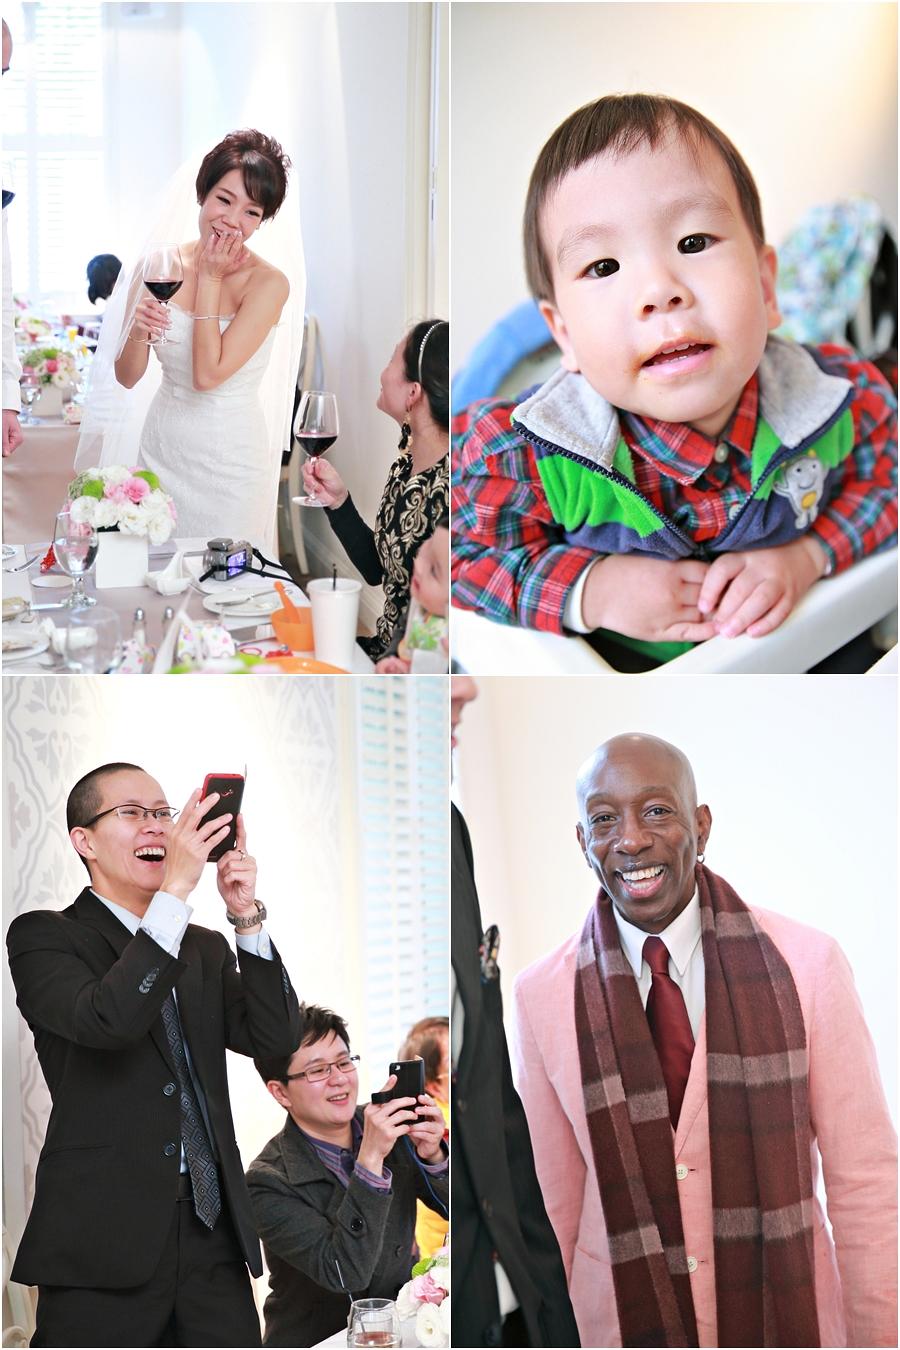 婚攝推薦,婚攝,婚禮記錄,搖滾雙魚,台北Galerie bistro,婚禮攝影